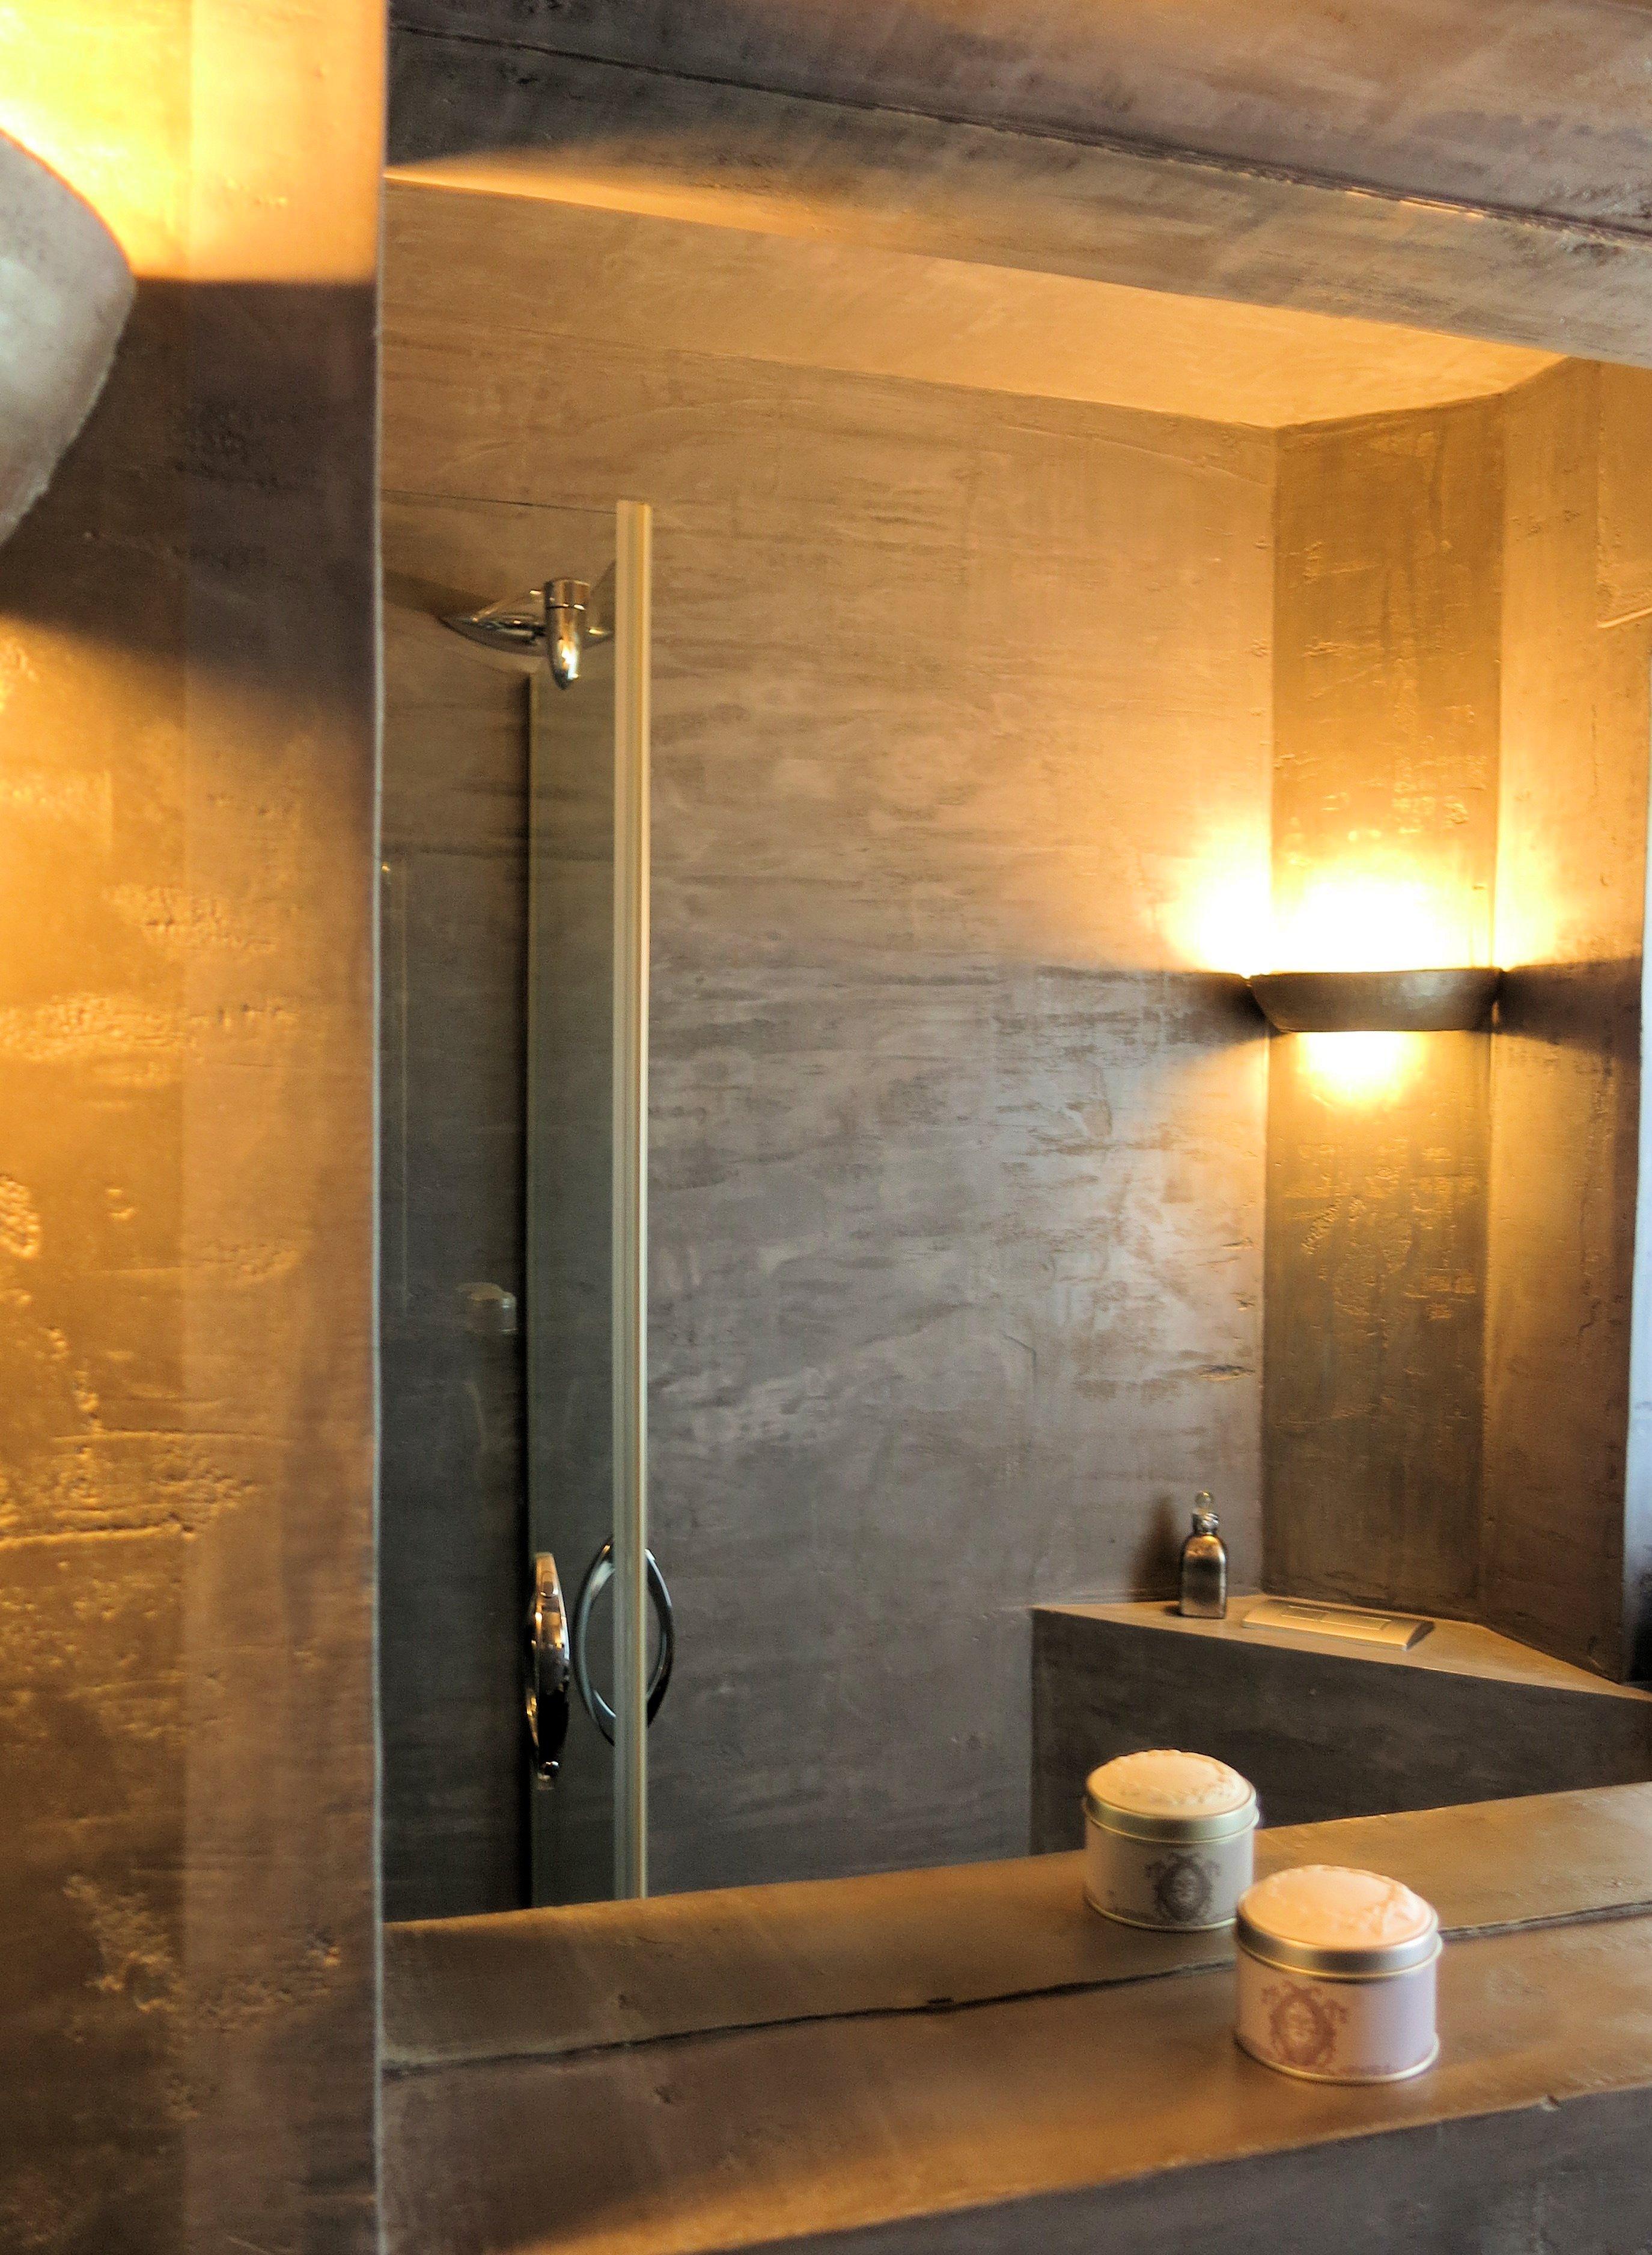 Affordable Lichtspiele Im Fugenlosen Badezimmer Wandspiegel Wandleuchte  With Dusche Ohne Fugen.